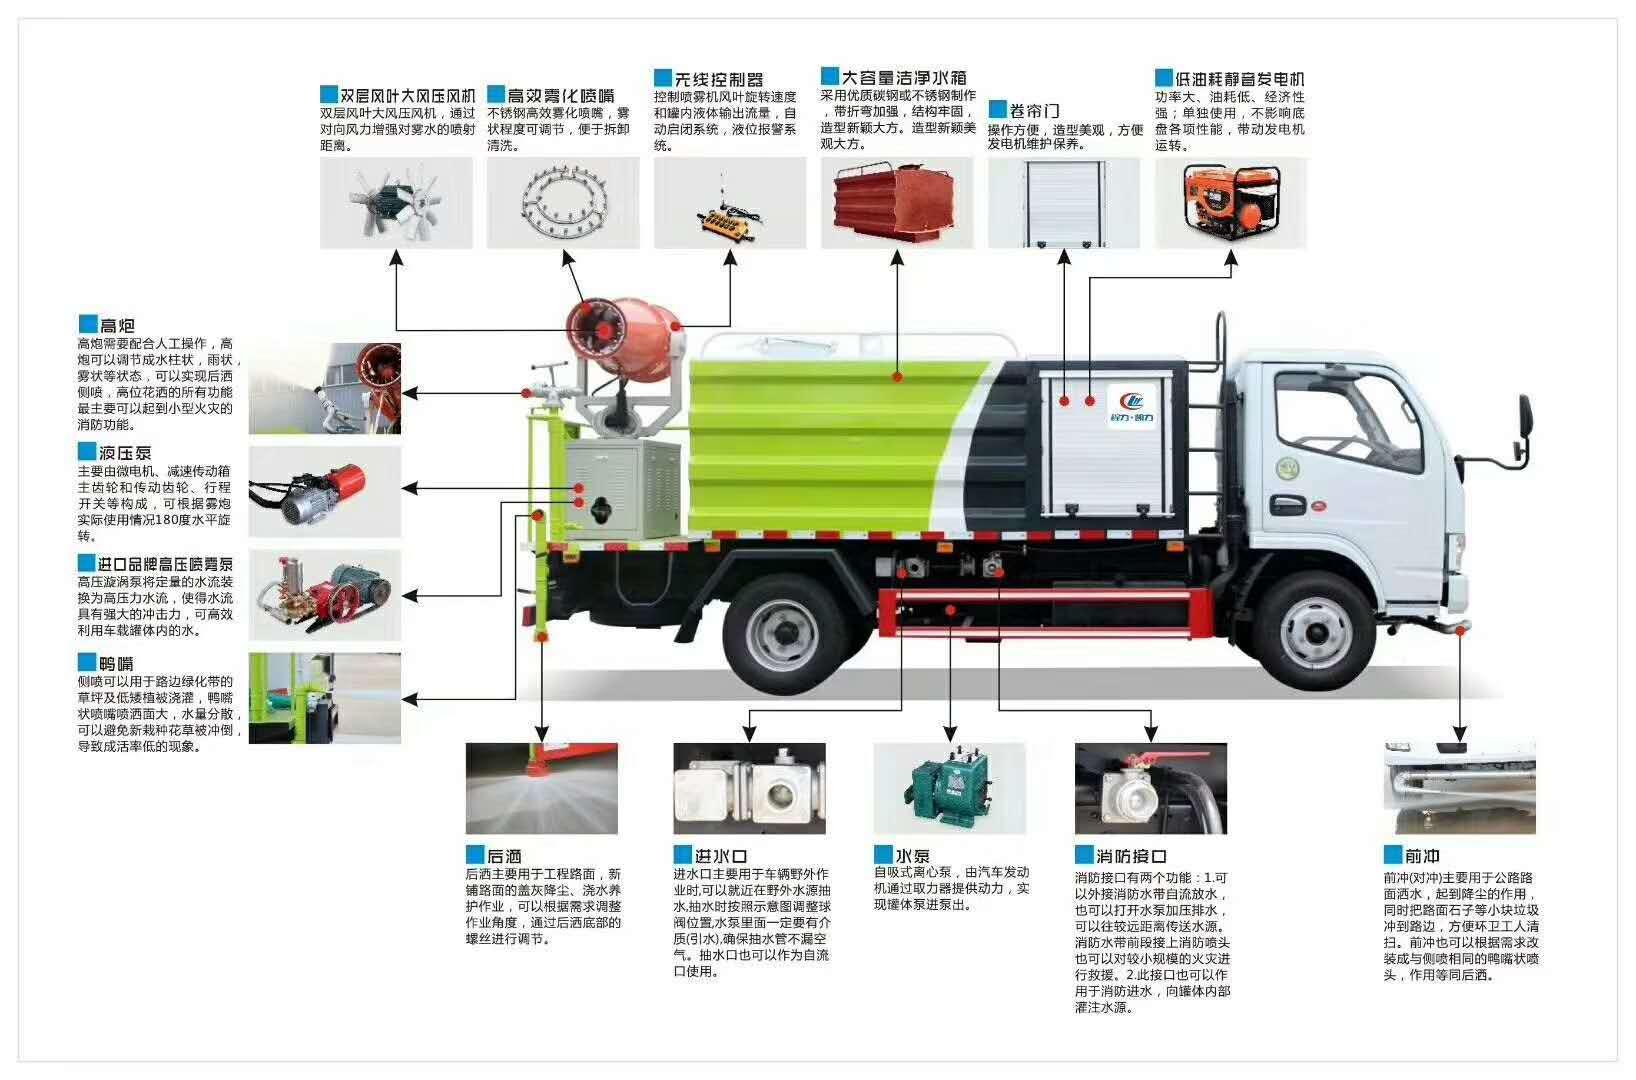 云南昭通5吨蓝牌东风小多利卡洒水抑尘车厂家价格图片